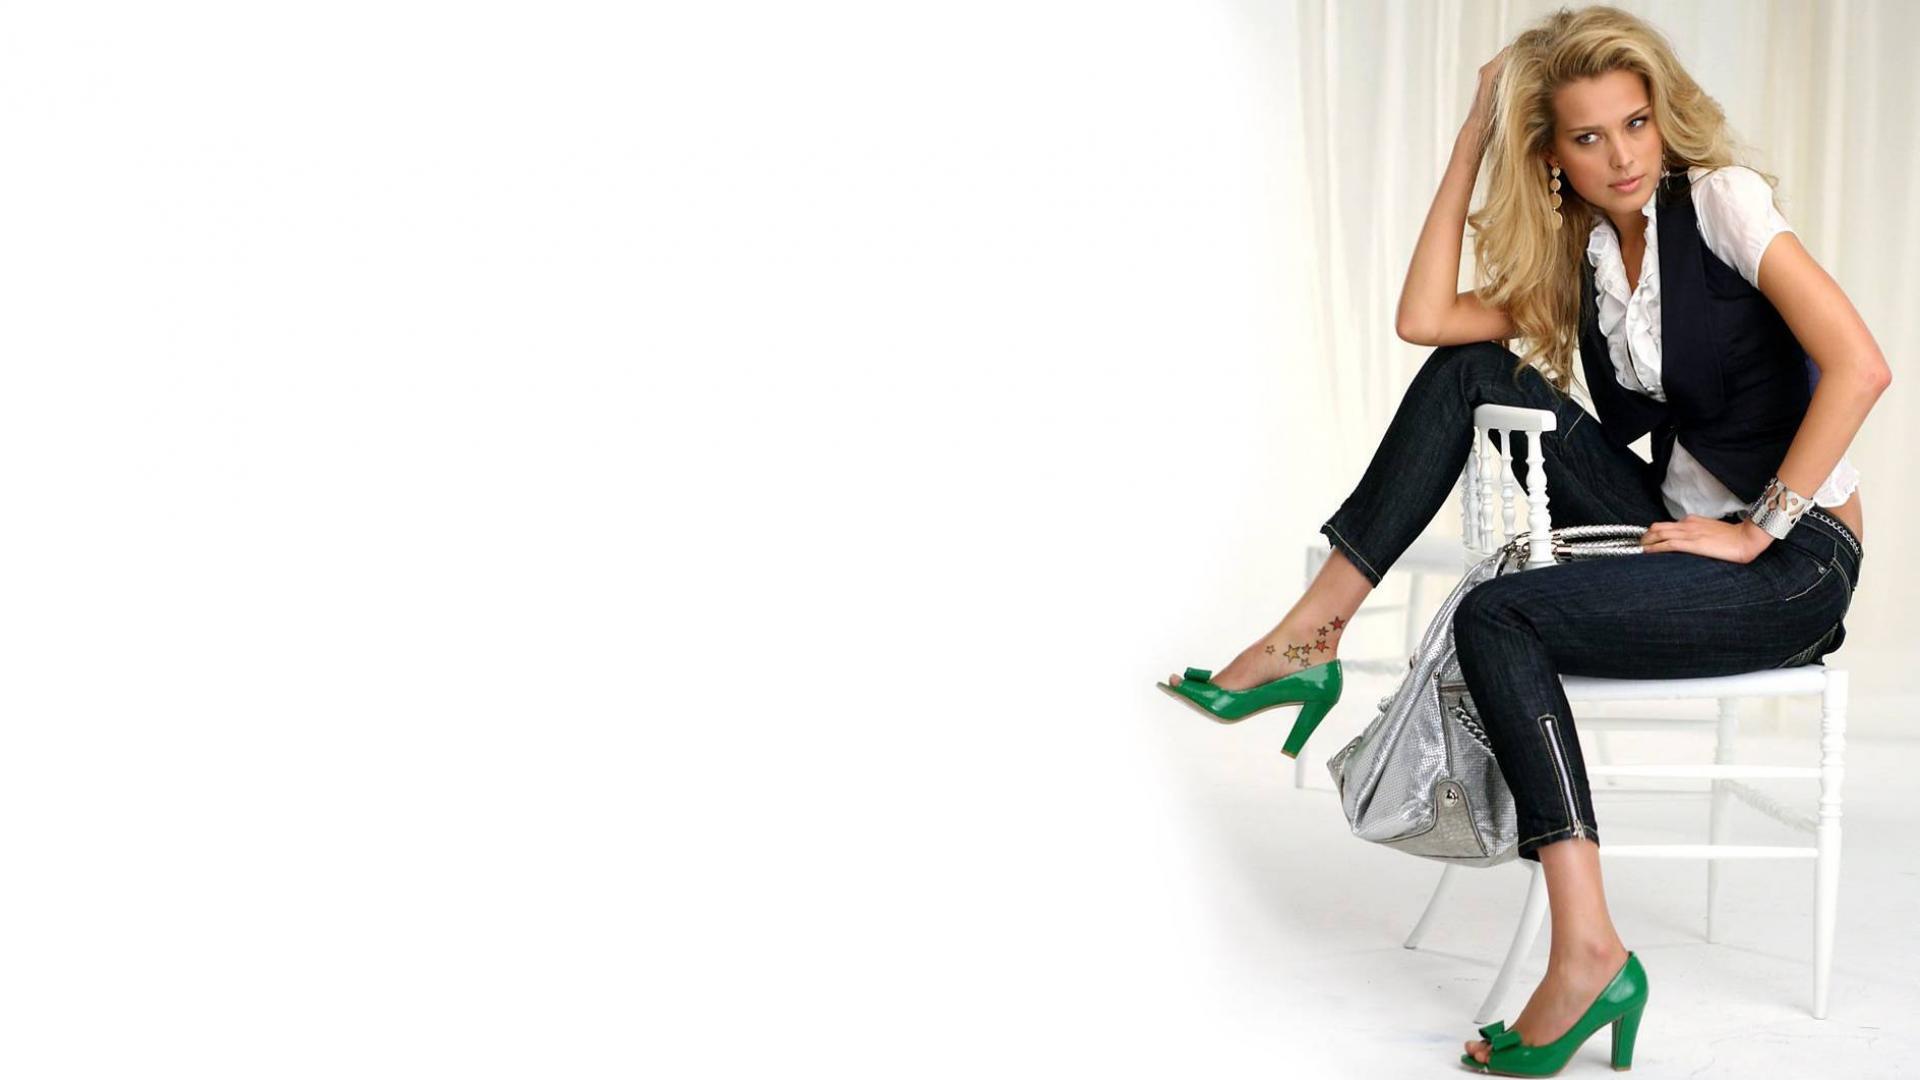 Гламурная блондинка обои для рабочего стола, картинки ...: http://hq-wallpapers.ru/wallpapers/girls/pic9273_raz1920x1080